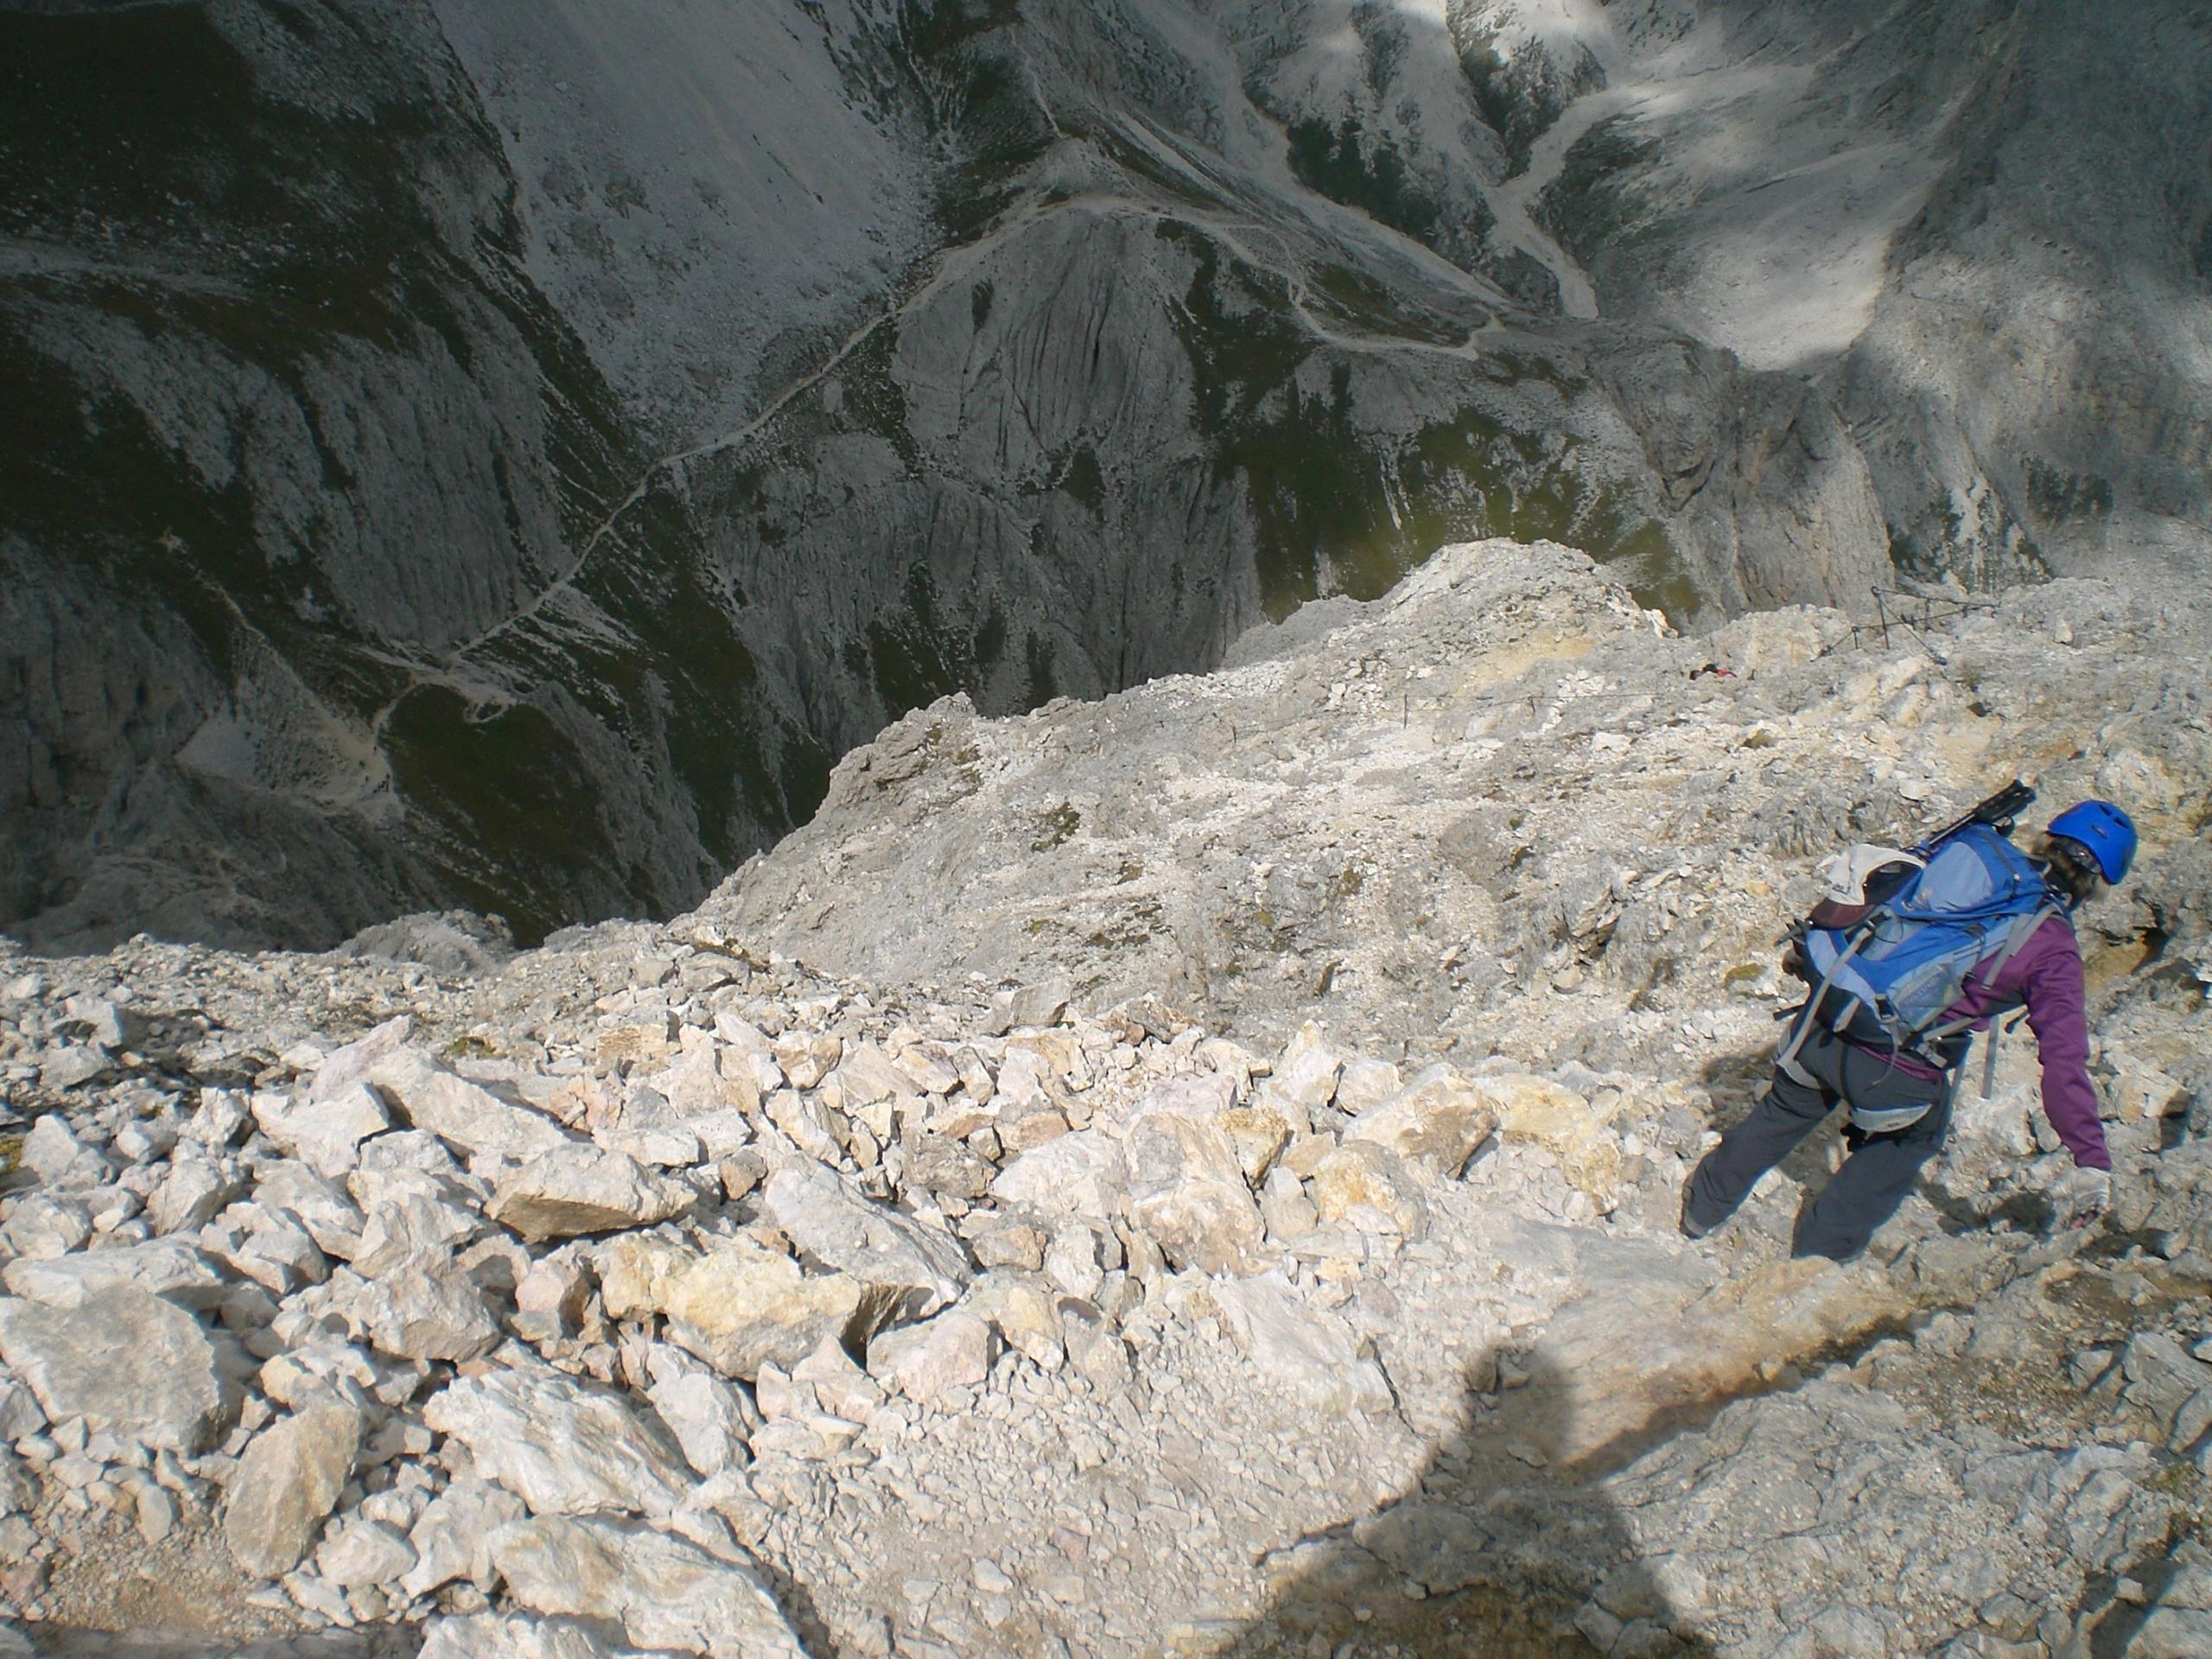 Klettersteig Rotwand : Masaré rotwand klettersteig faszination hochtouren